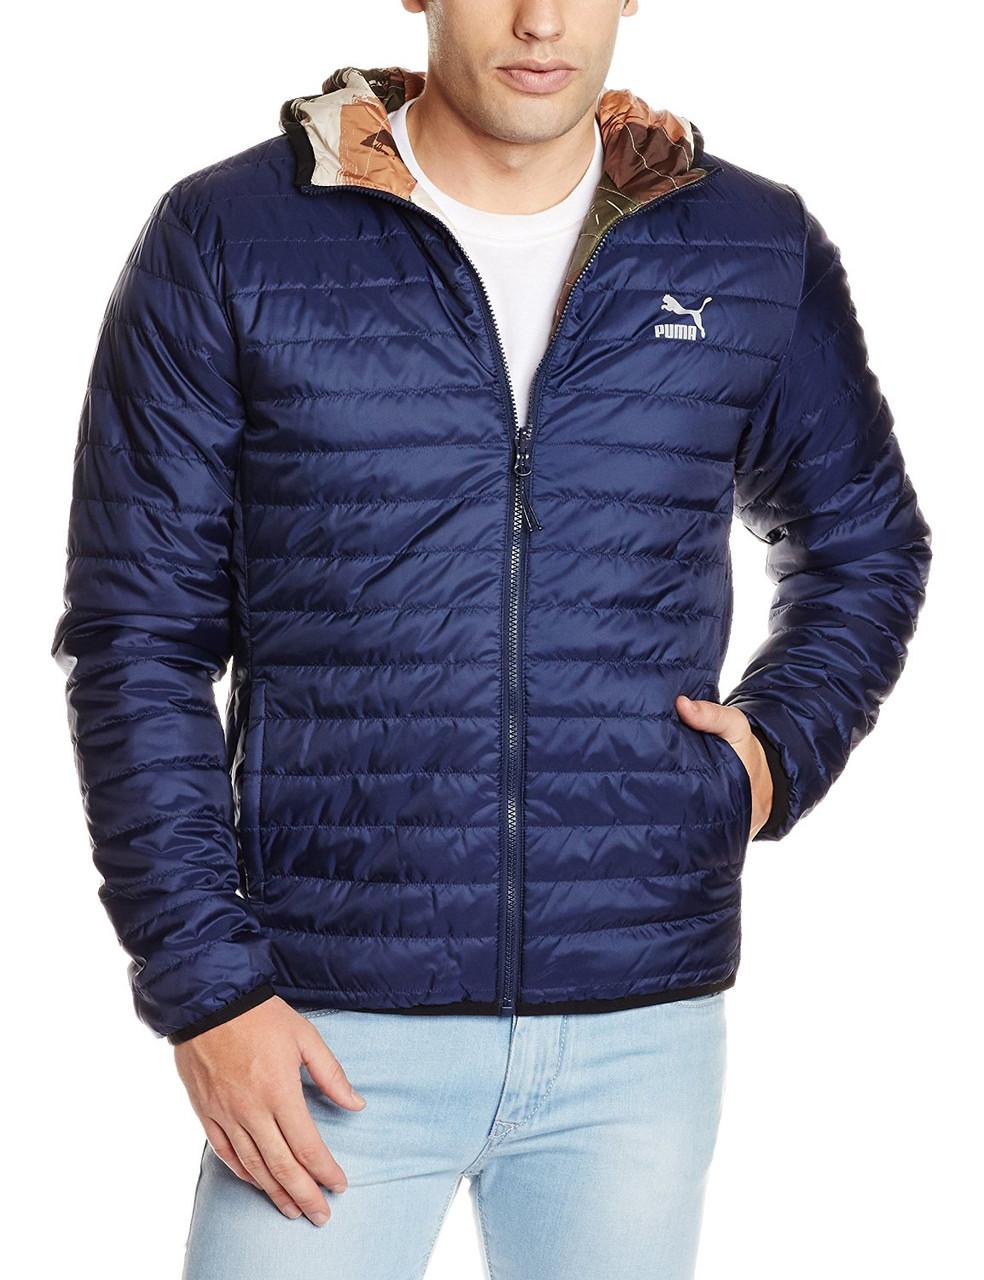 Куртка двухсторонняя спортивная для мужчин PUMA Men's Padded Jacket 569167 20 пума